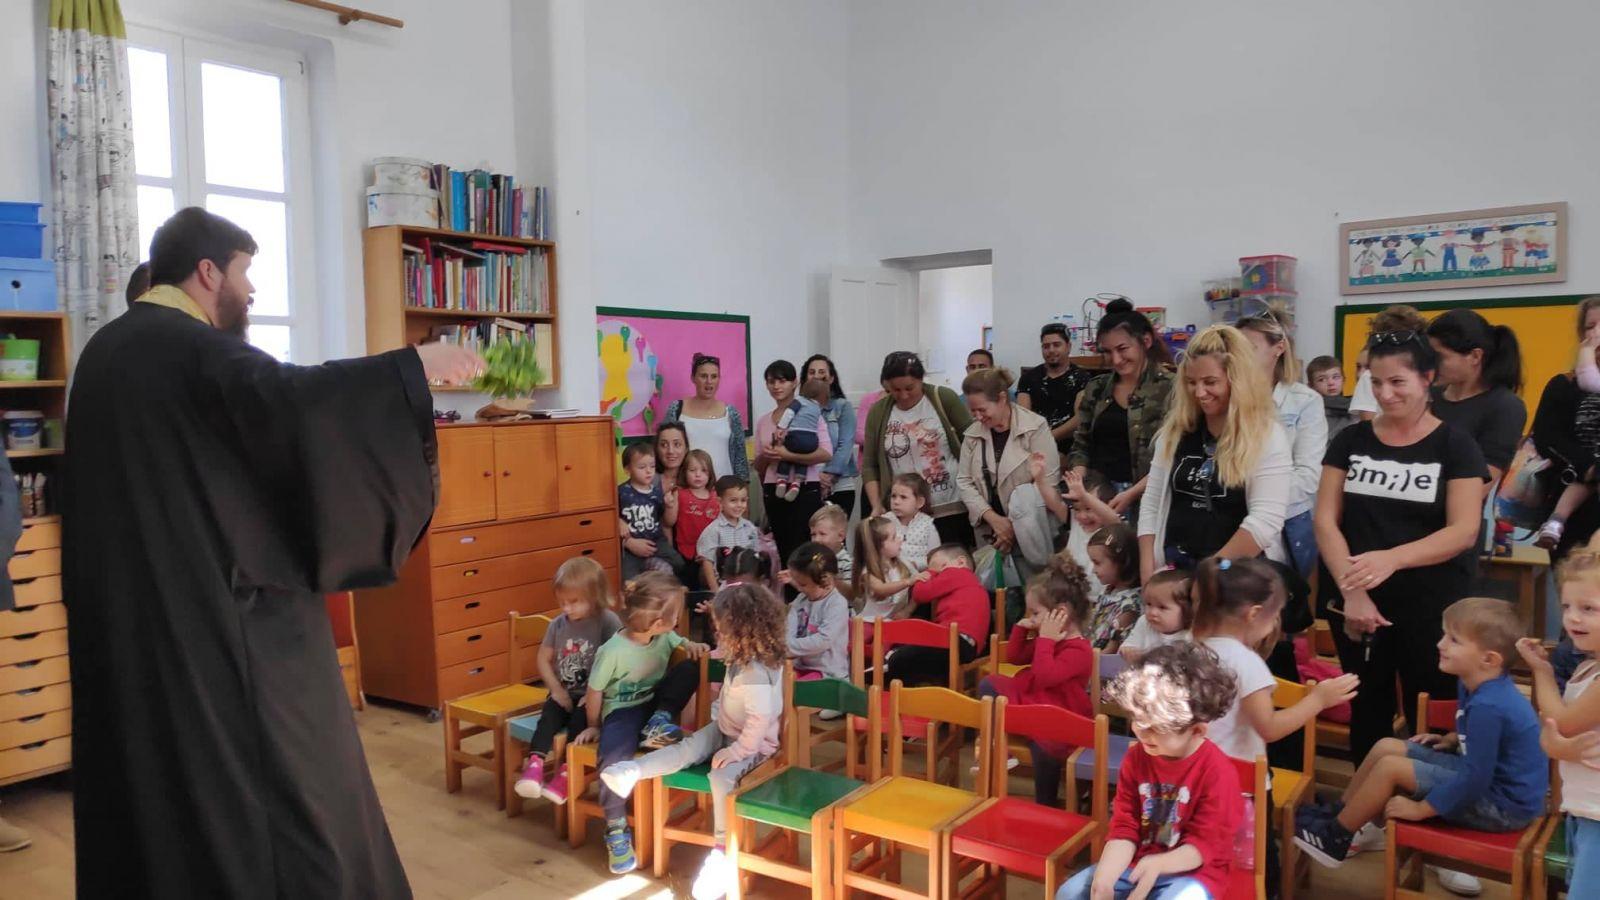 Αγιασμός στους παιδικούς του Ομβροδέχτη και στην Άνω Μερά